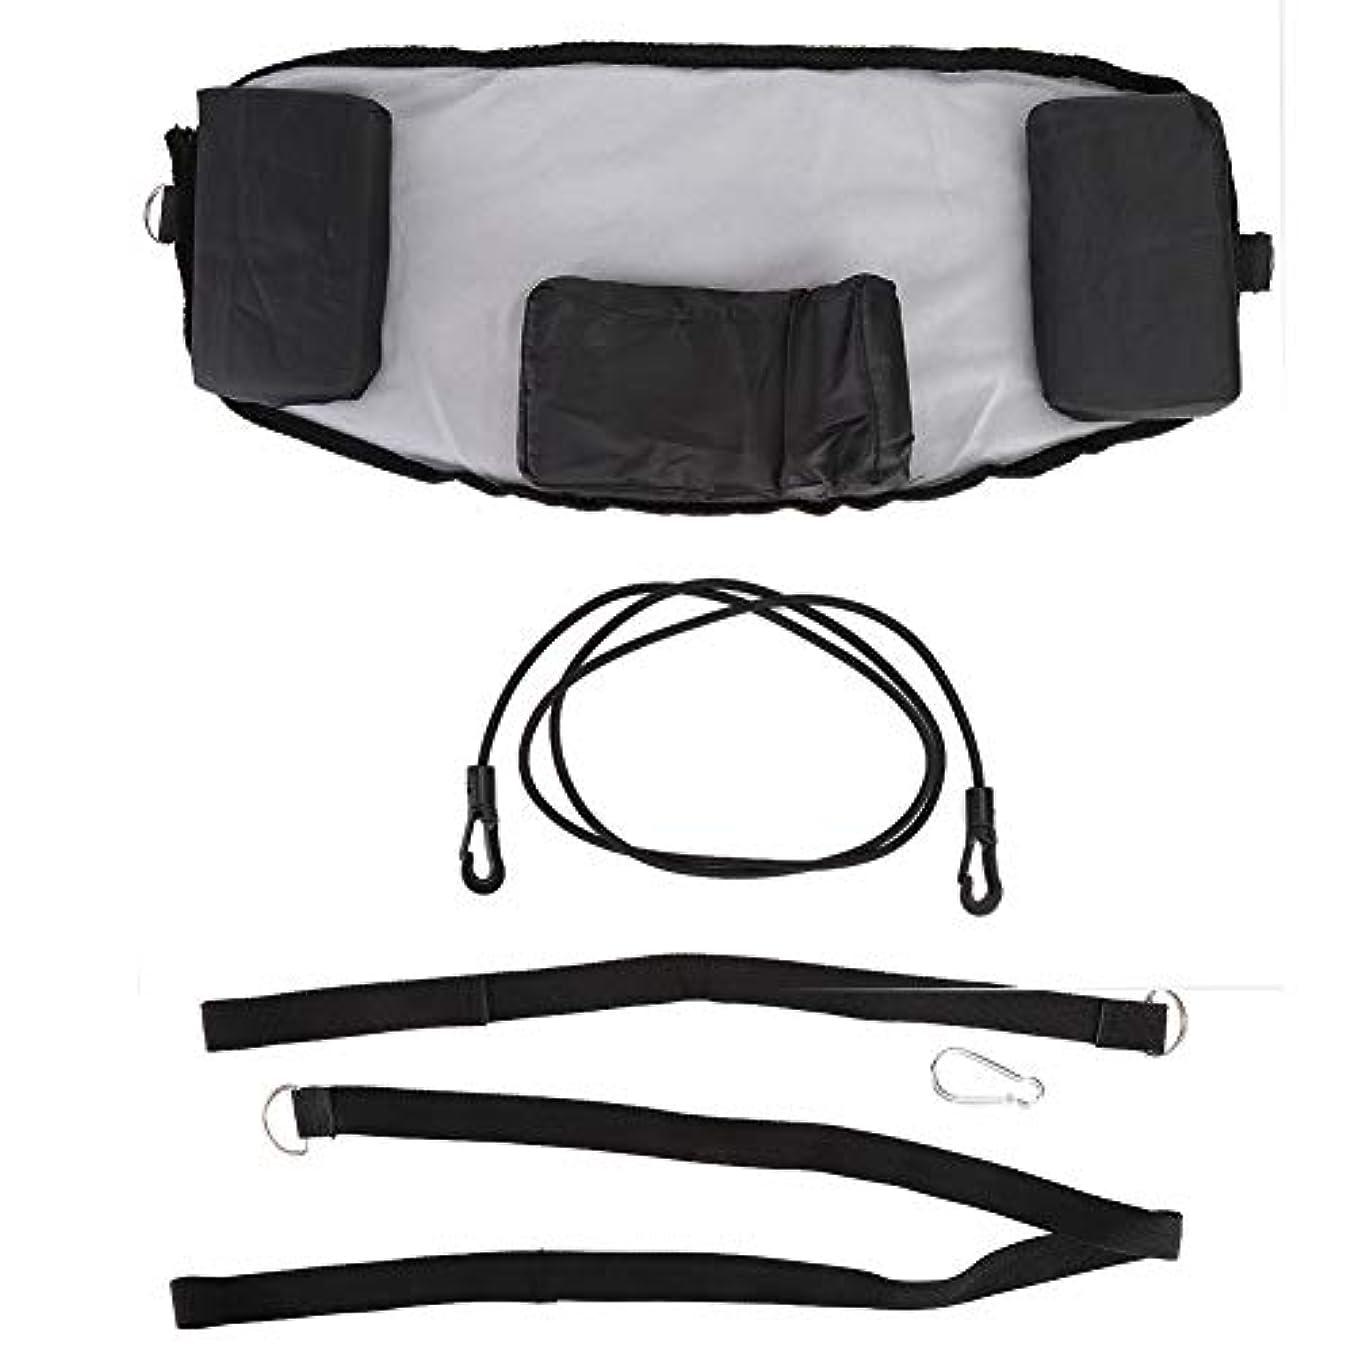 統治する苦い敬頸部牽引装置、首の痛みを和らげるためのポータブルハンモック、首マッサージリラクゼーション装置、牽引のための顎サポート